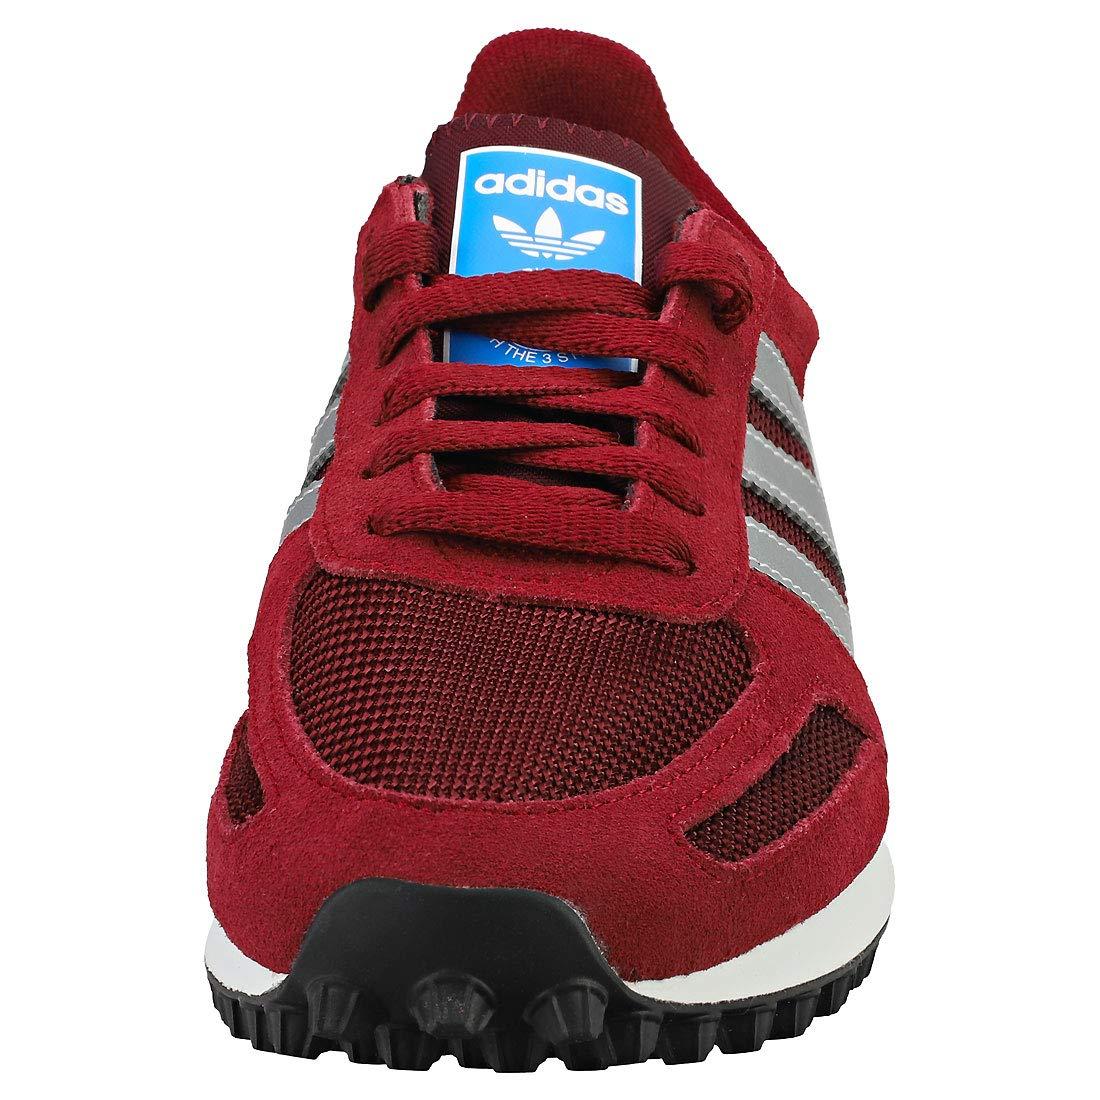 Adidas La Unisex Erwachsene Erwachsene Unisex Sneakers M29505 Weihnachtsgeschenke fc89b1